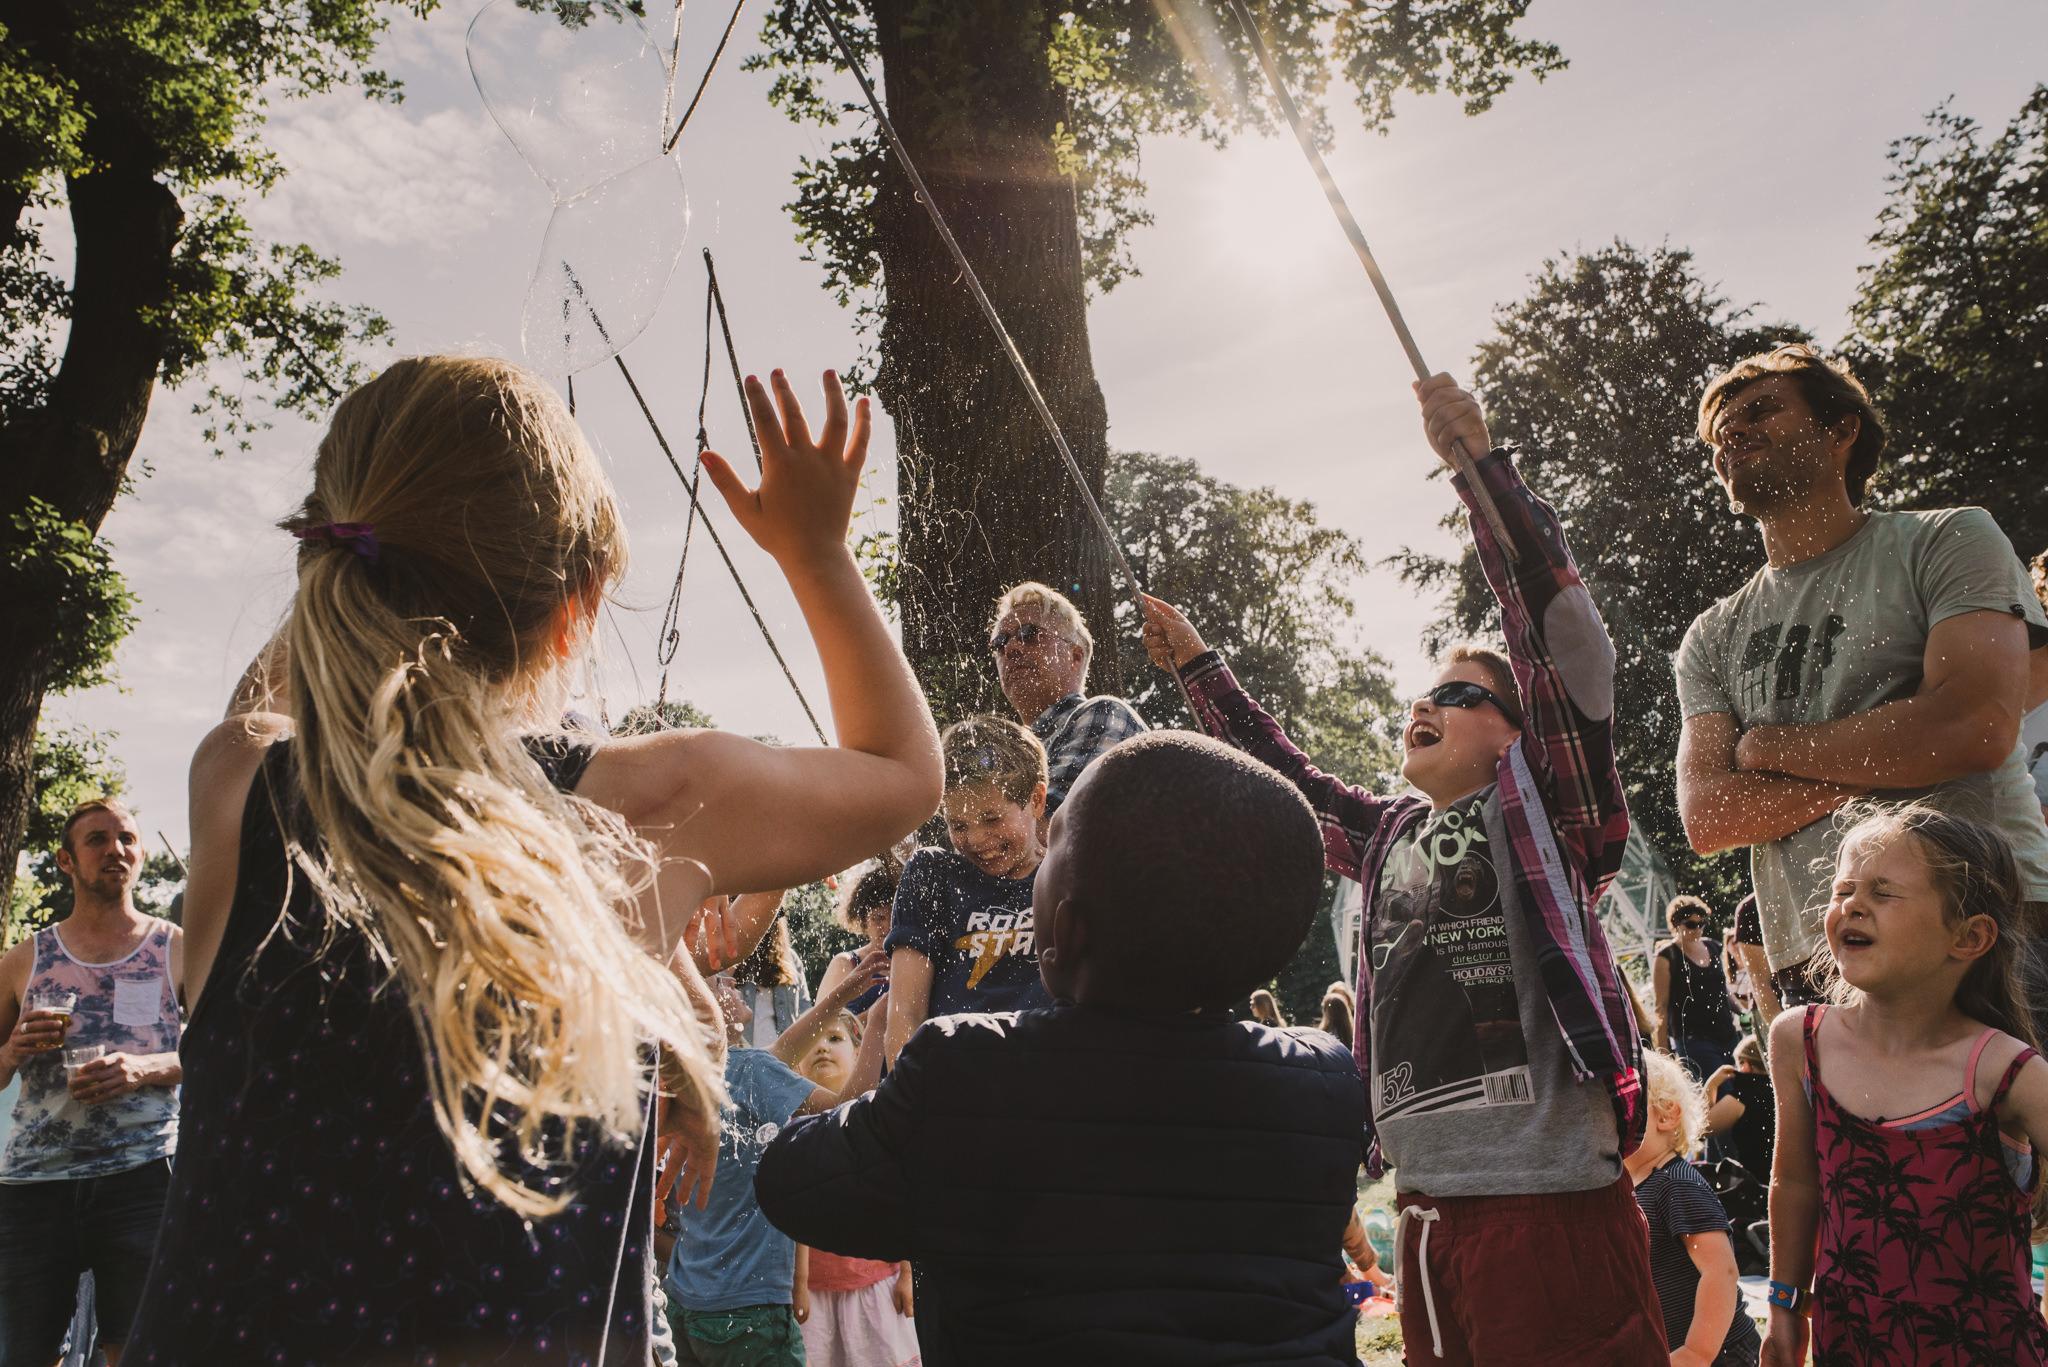 houtfestival-blog-4685.jpg